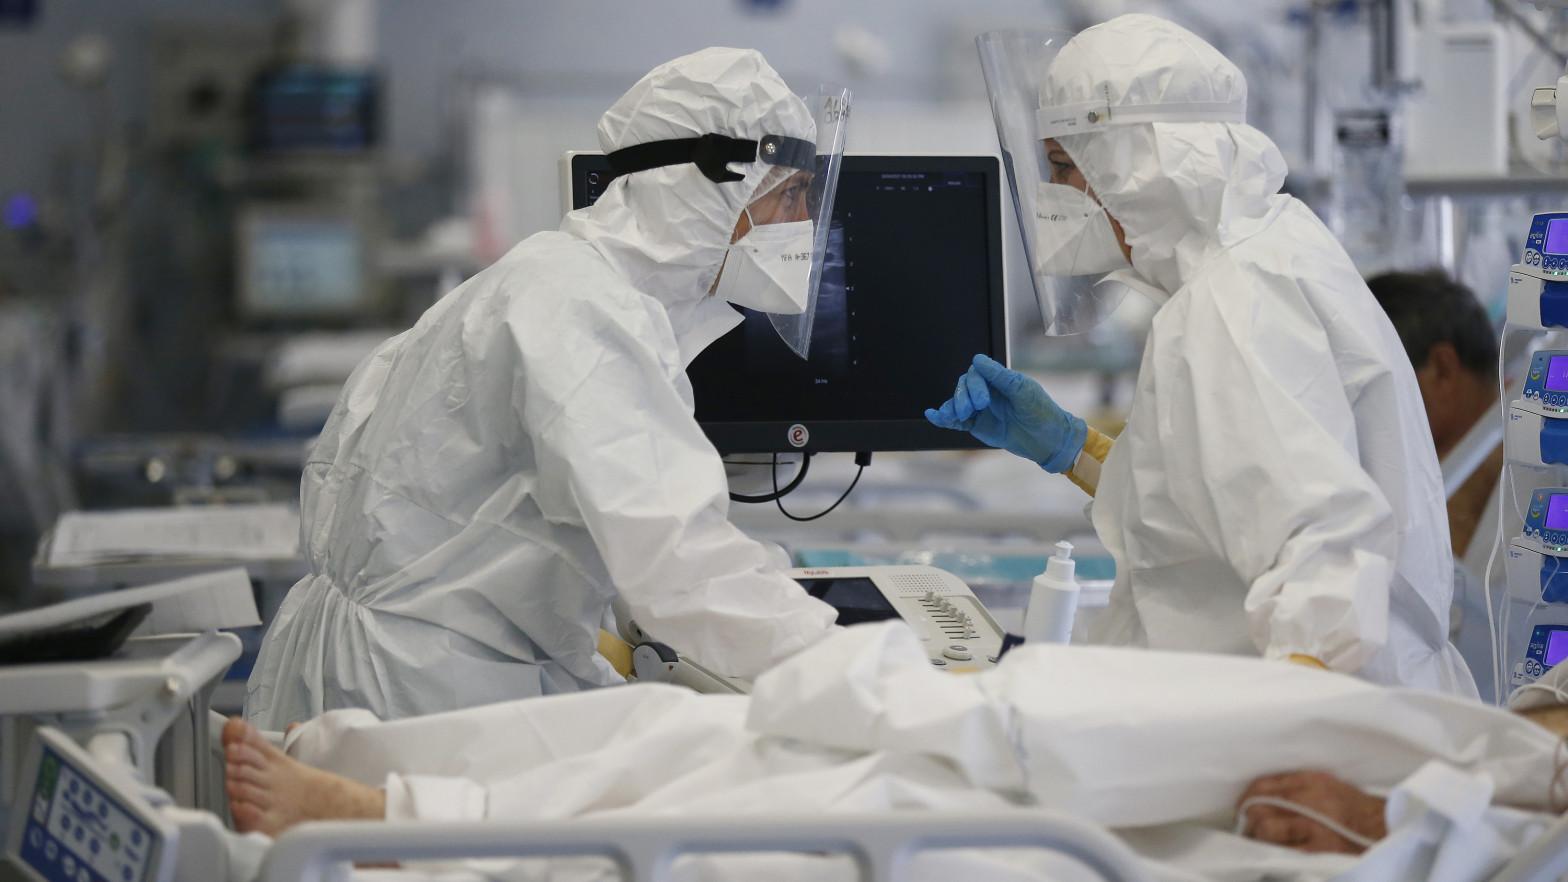 Aumentan los hospitalizados en Cataluña pese a descender la velocidad de contagio